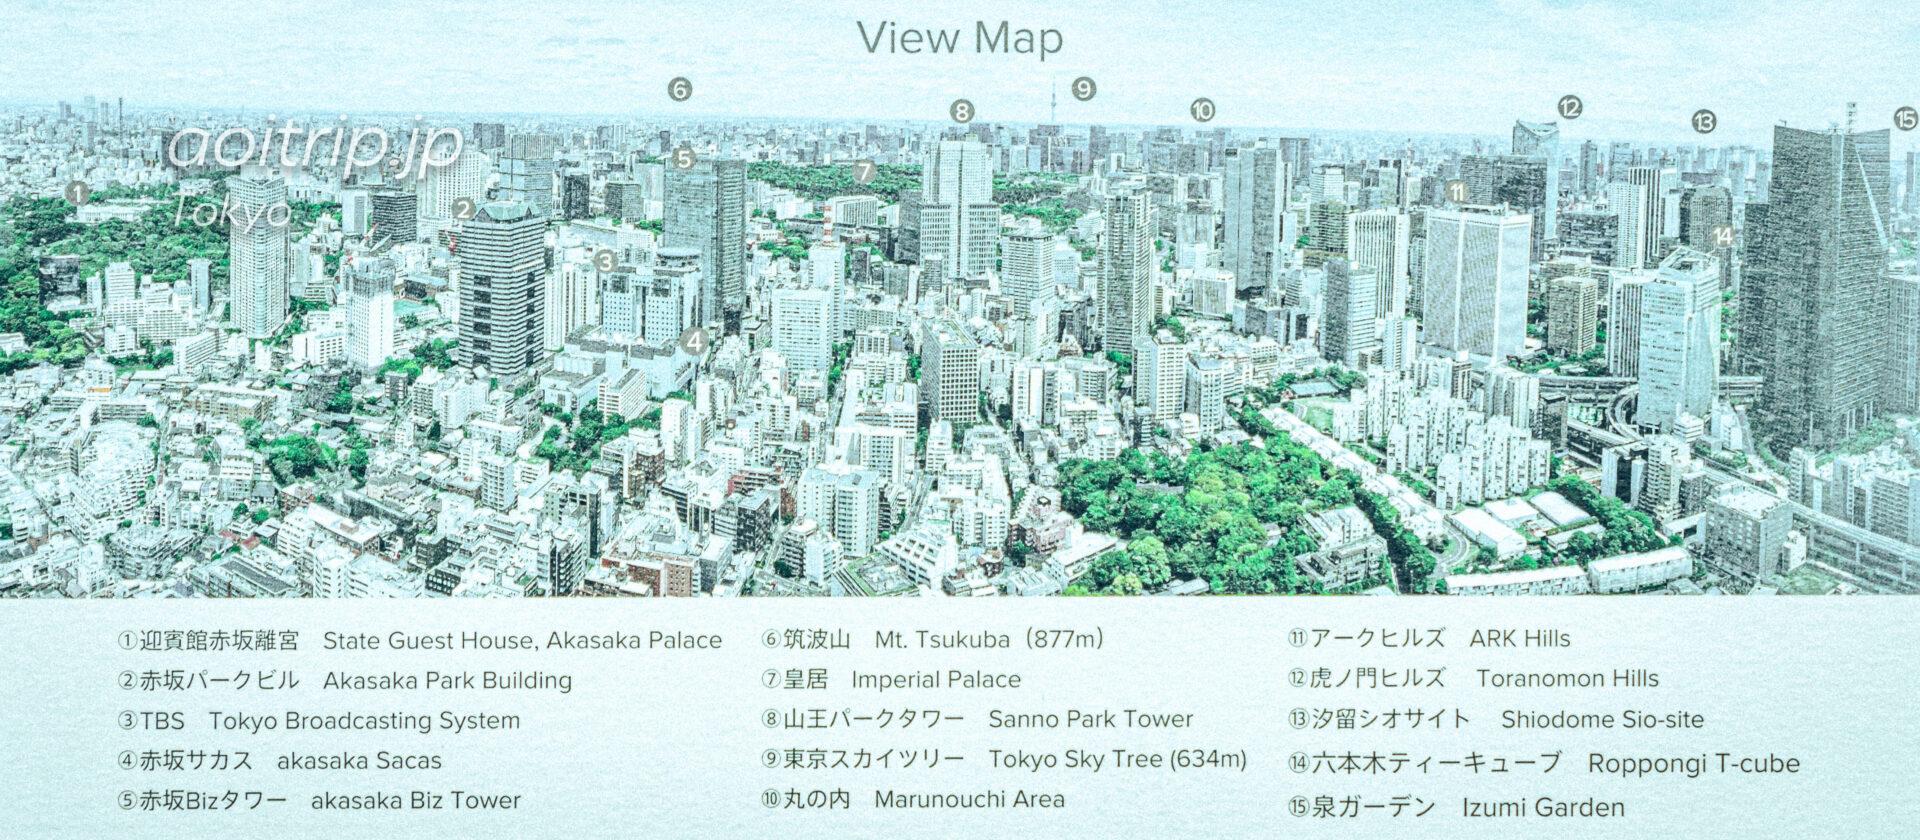 ザ リッツカールトン東京からの眺望 View Map